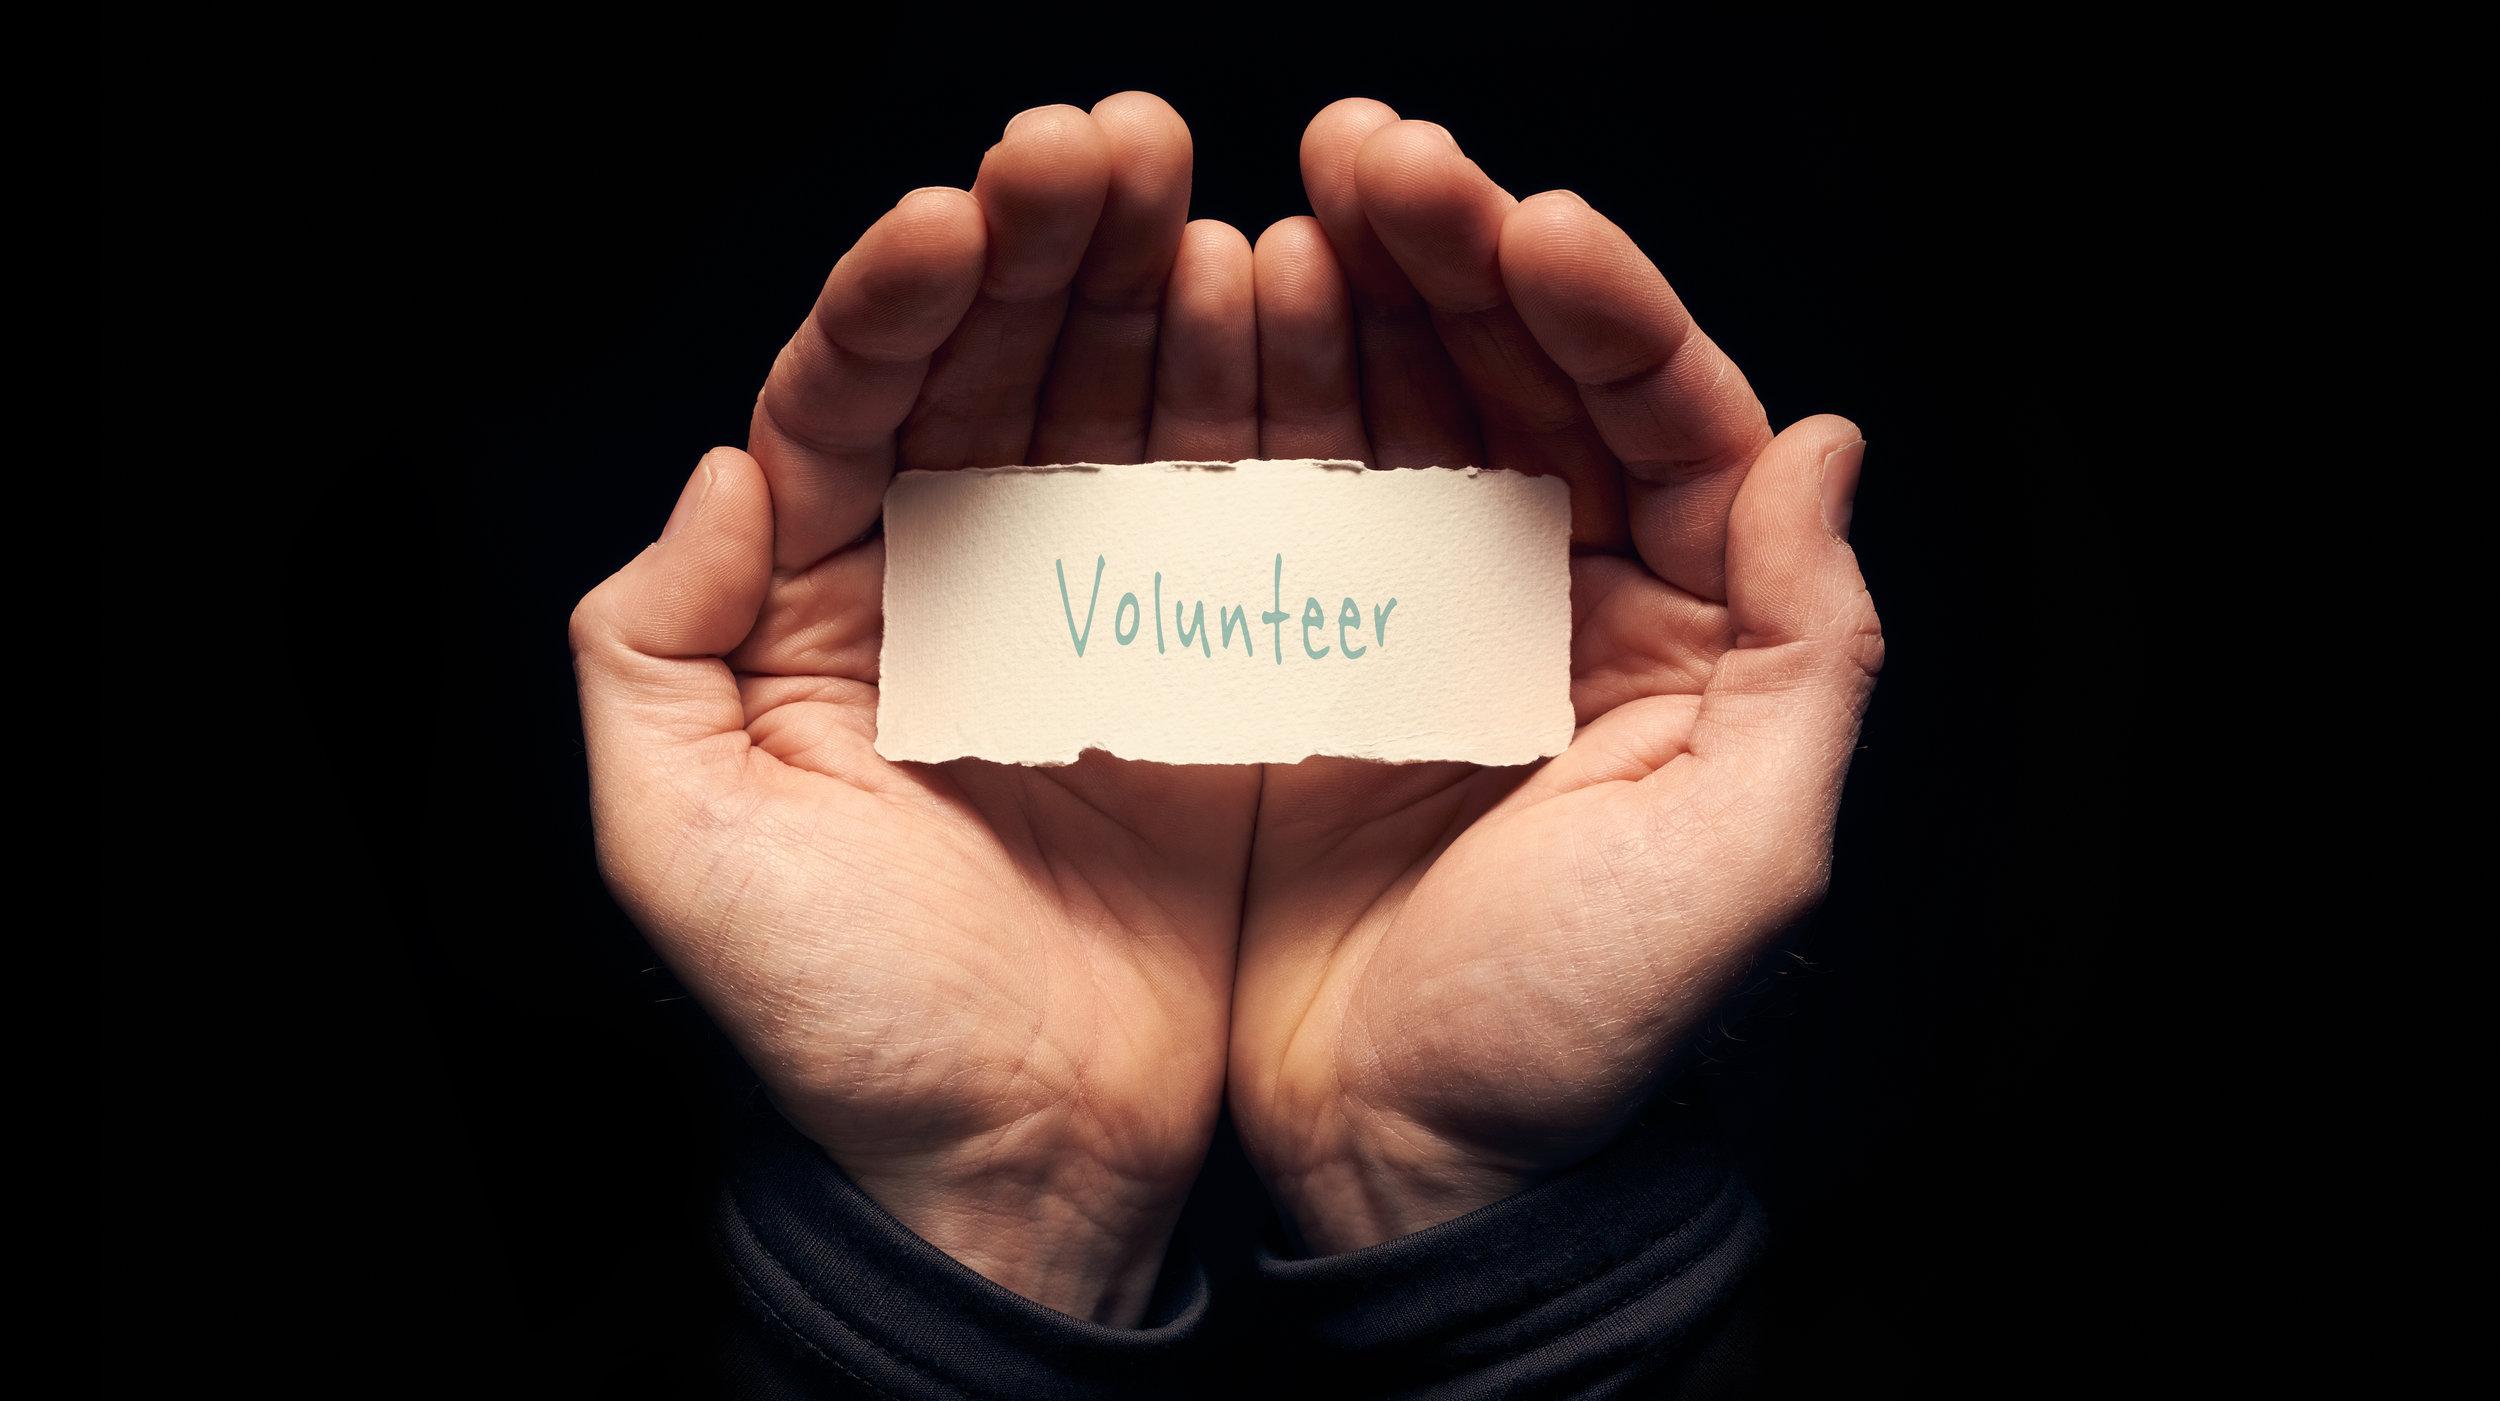 aPODD Foundation Volunteer.jpg